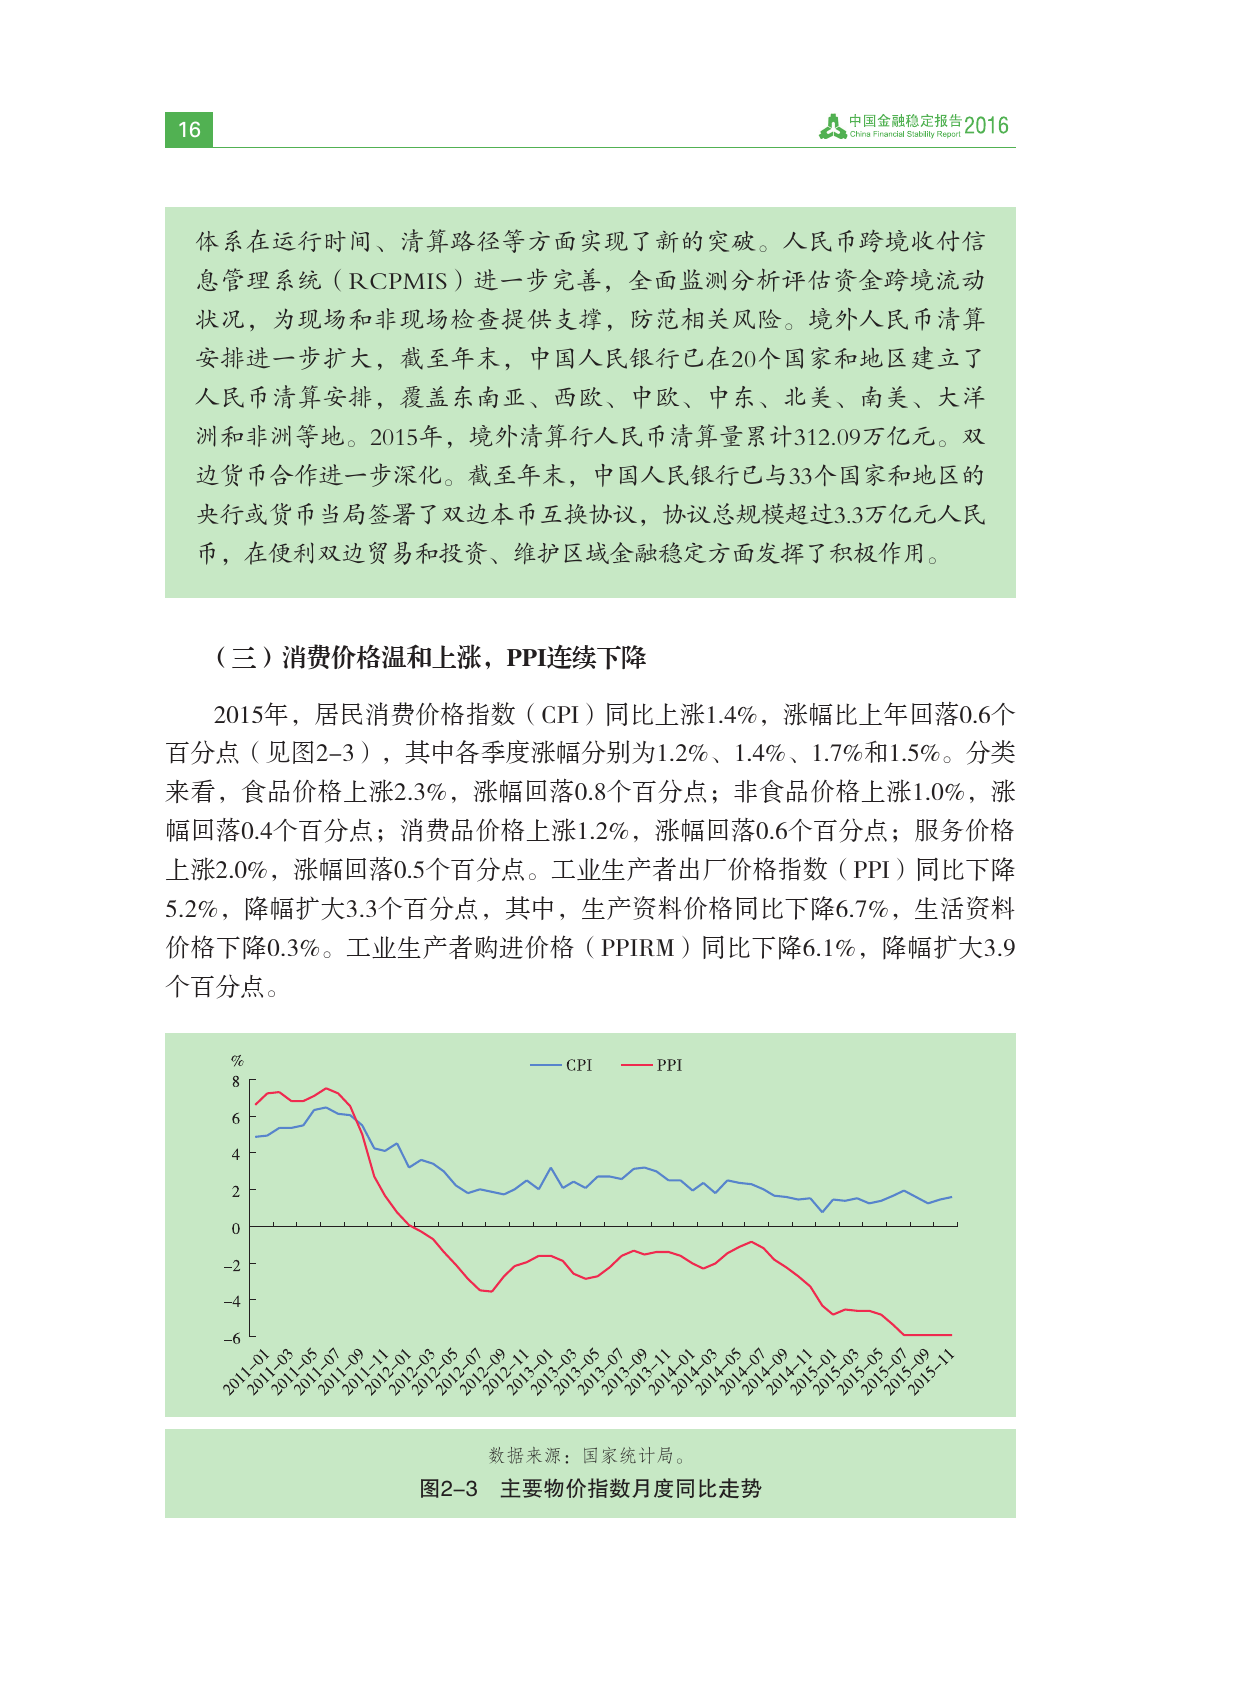 2016年中国金融稳定报告_000026